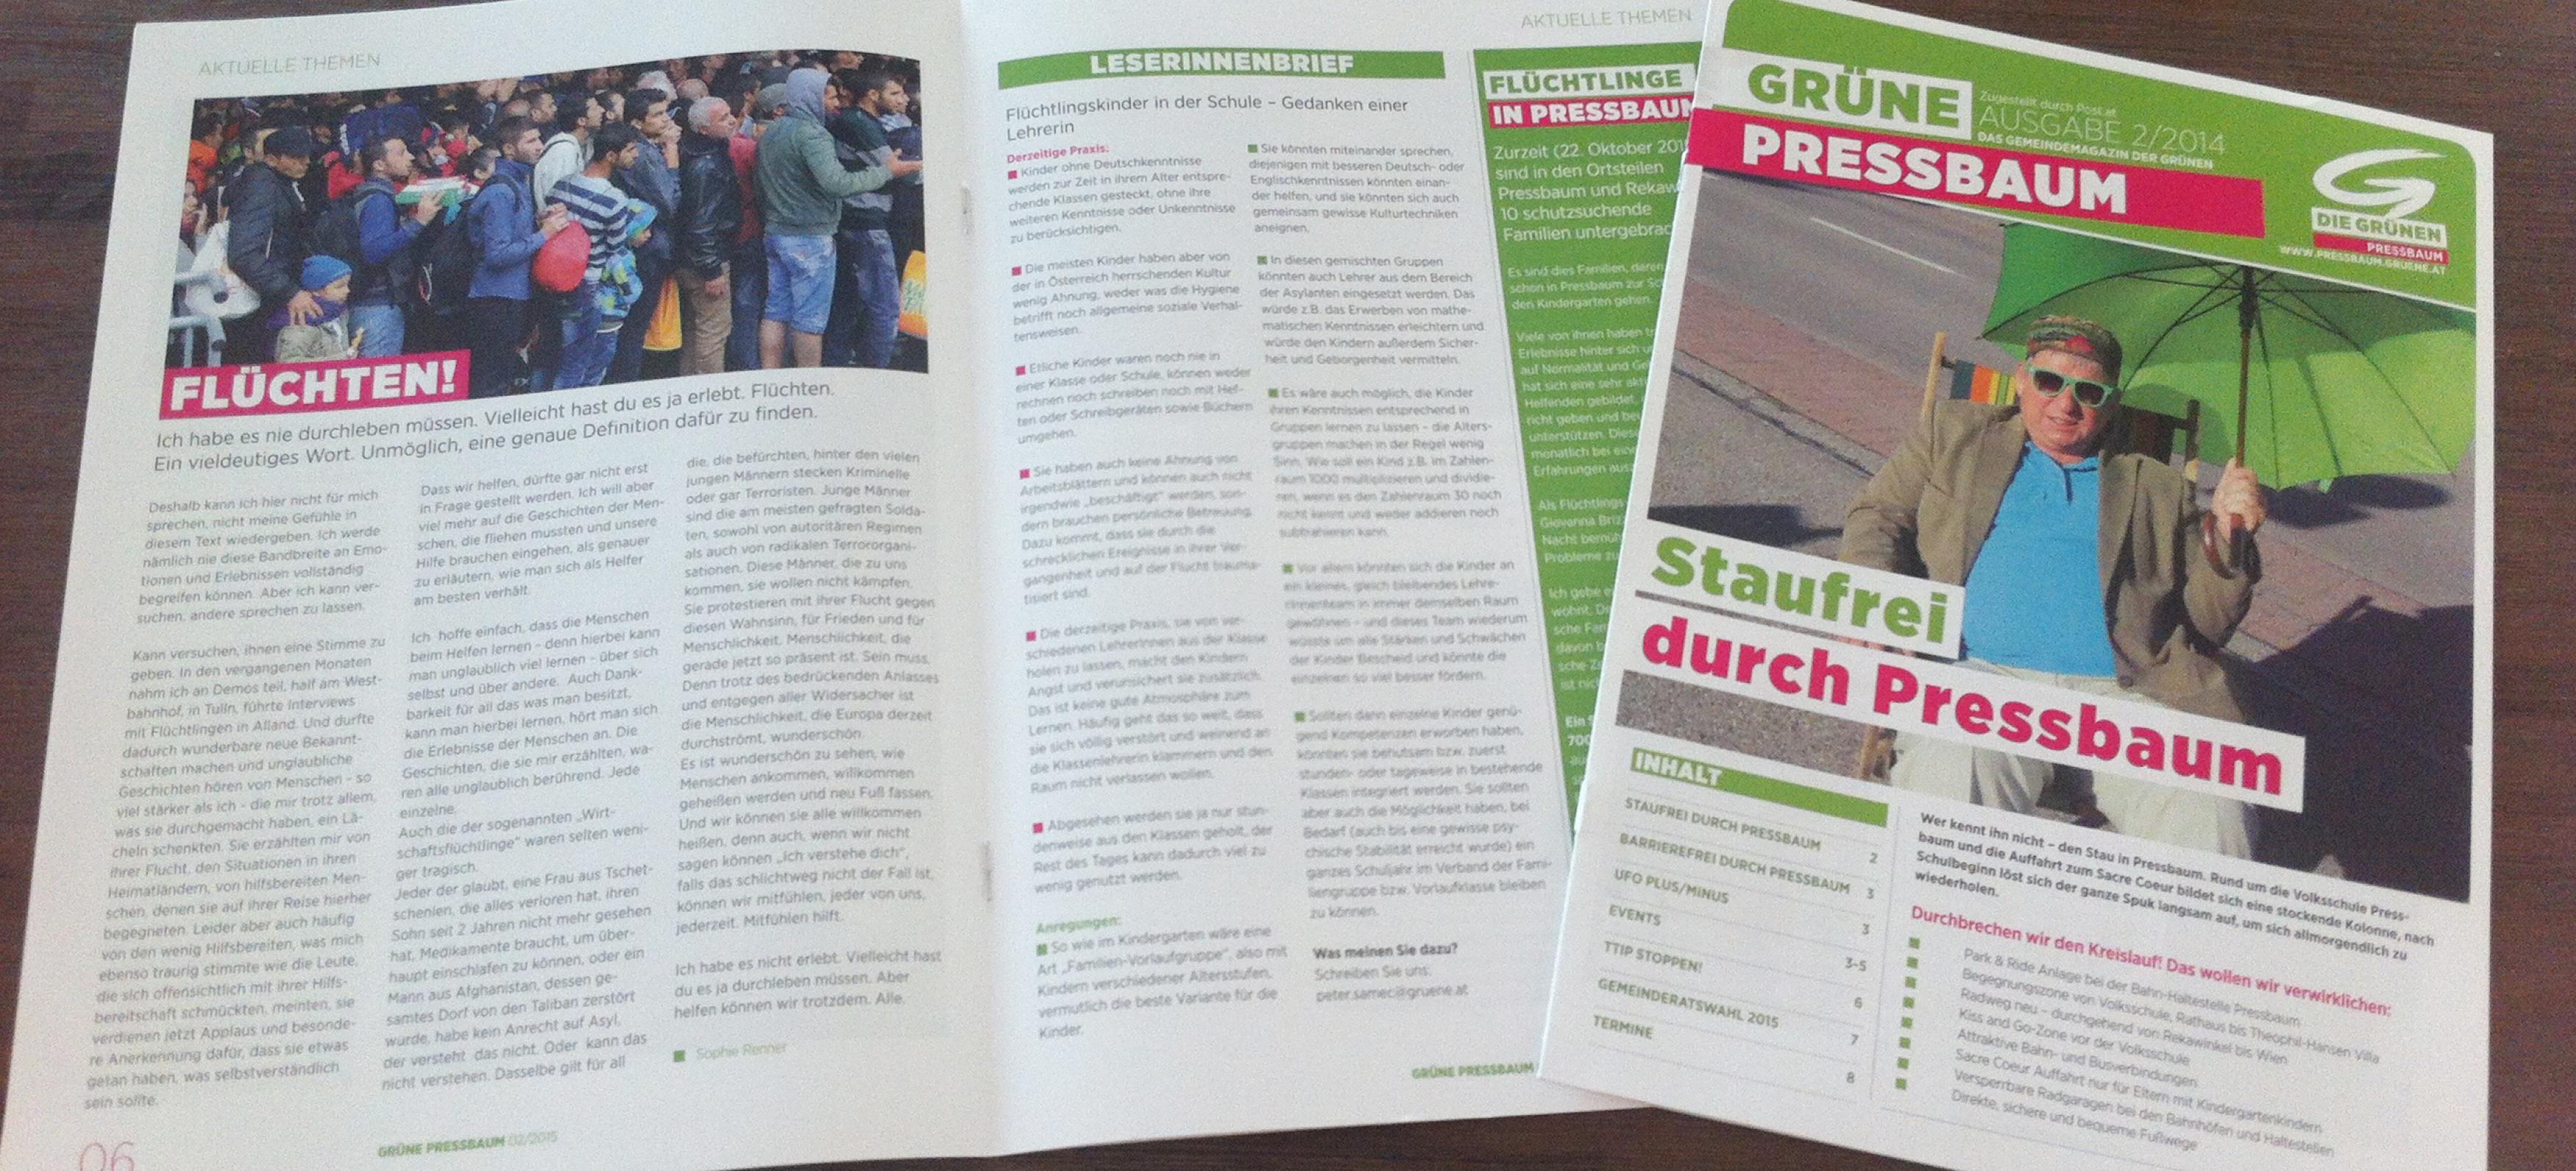 Grüne Niederösterreich